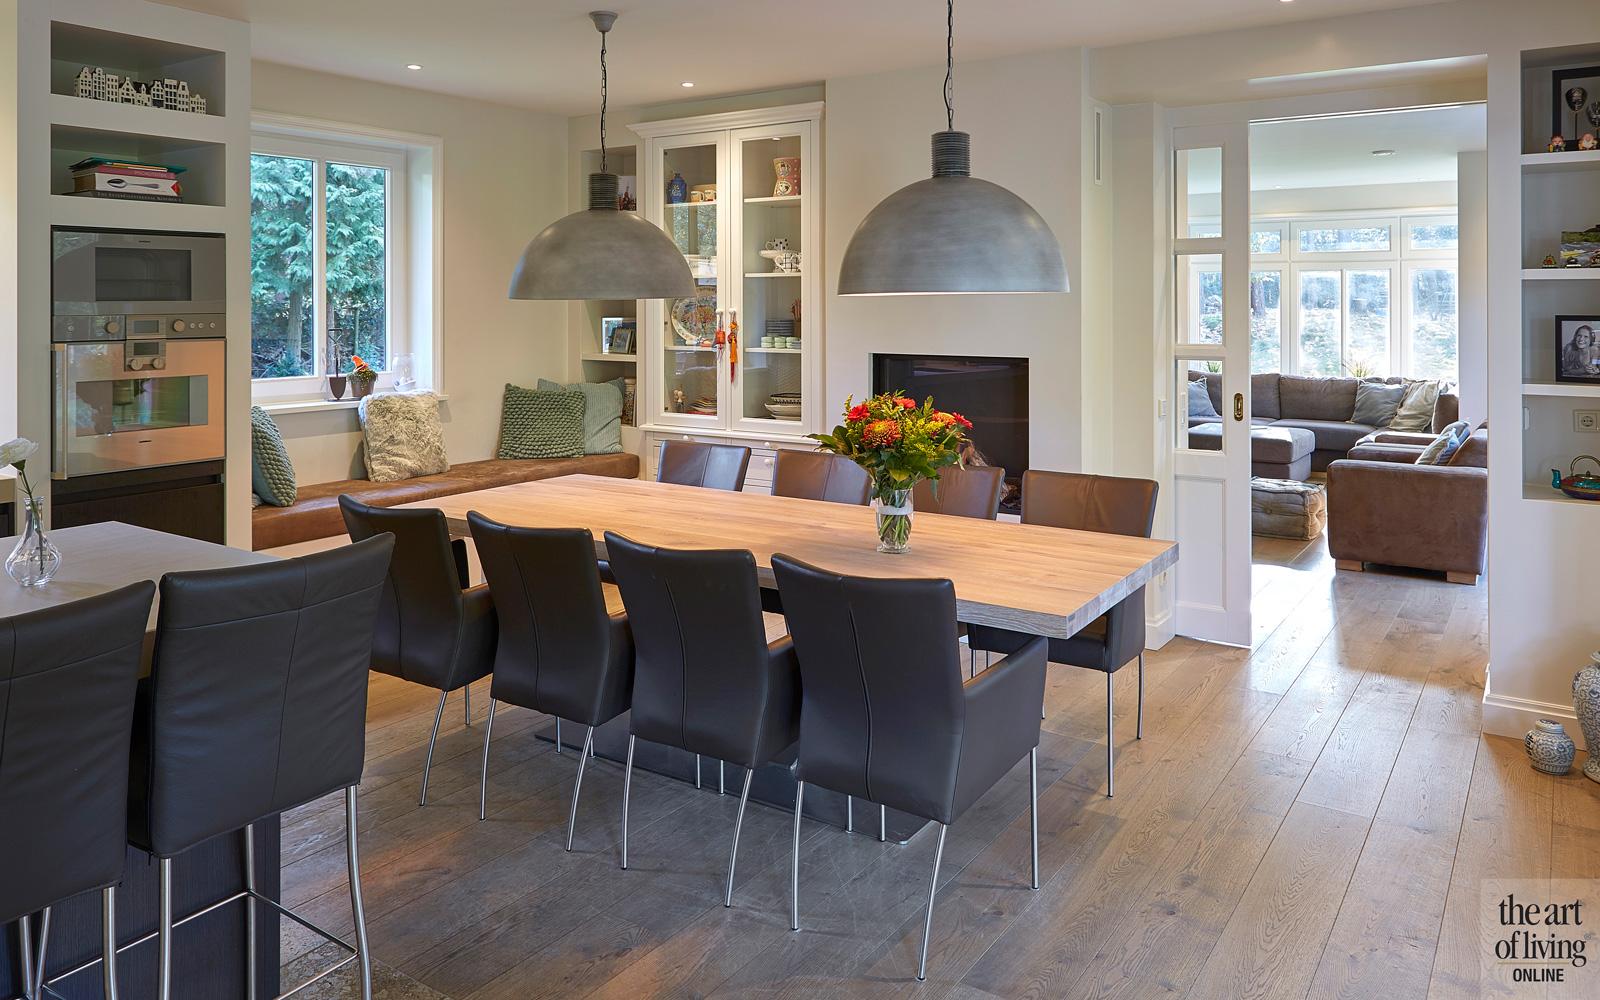 Renovatie, Villa, Klassiek, Authentiek, Boerderij stijl, moderne interieurdesign, interieurontwerp, Margry Arts Architecten